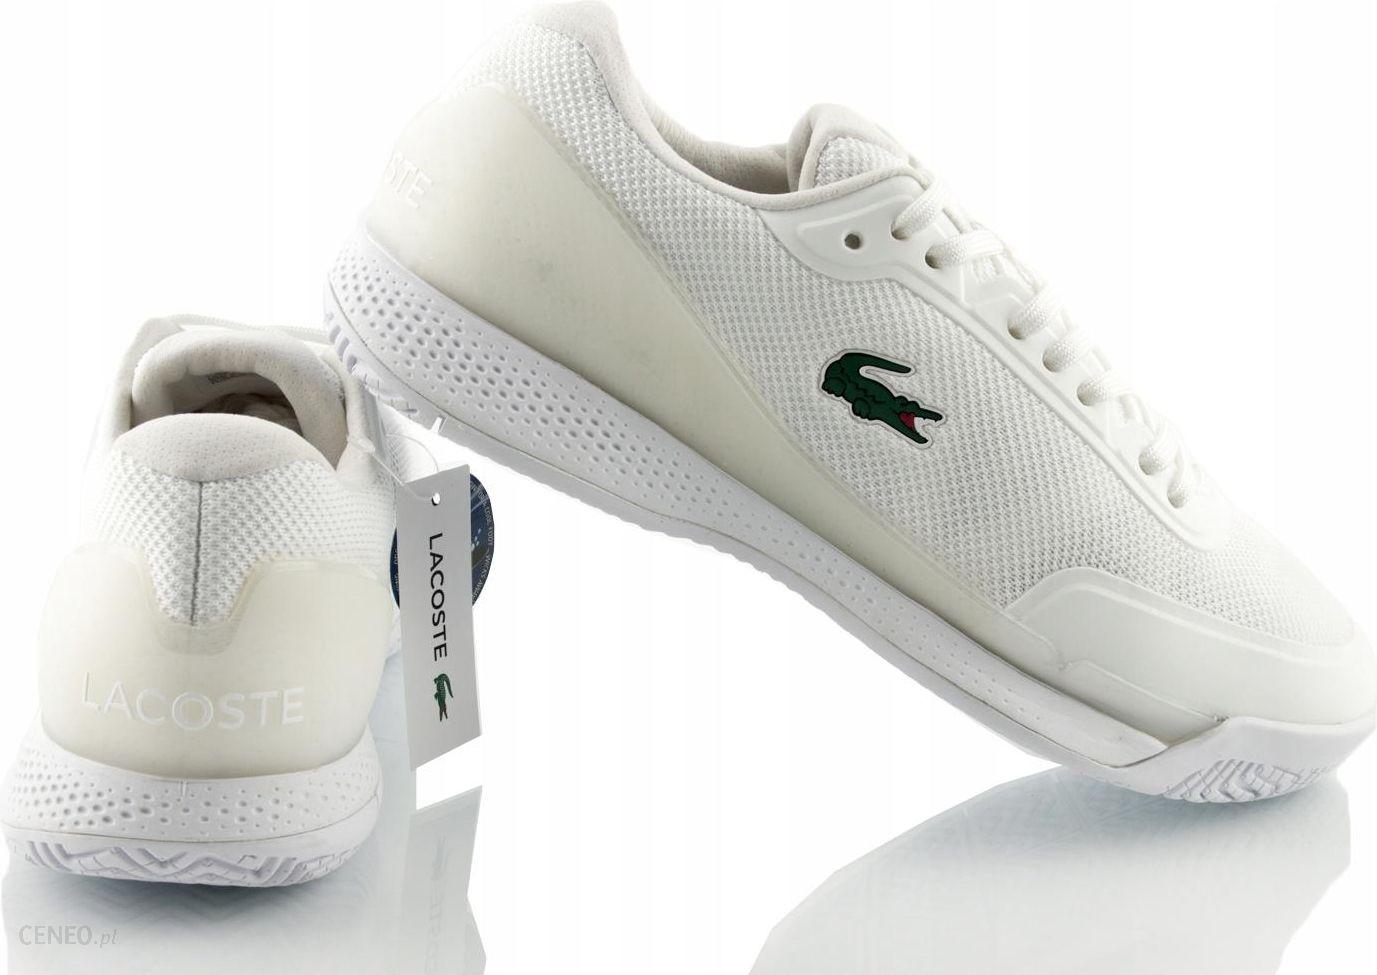 Buty Lacoste Lt Pro 117 damskie białe sneakersy 39 Ceny i opinie Ceneo.pl